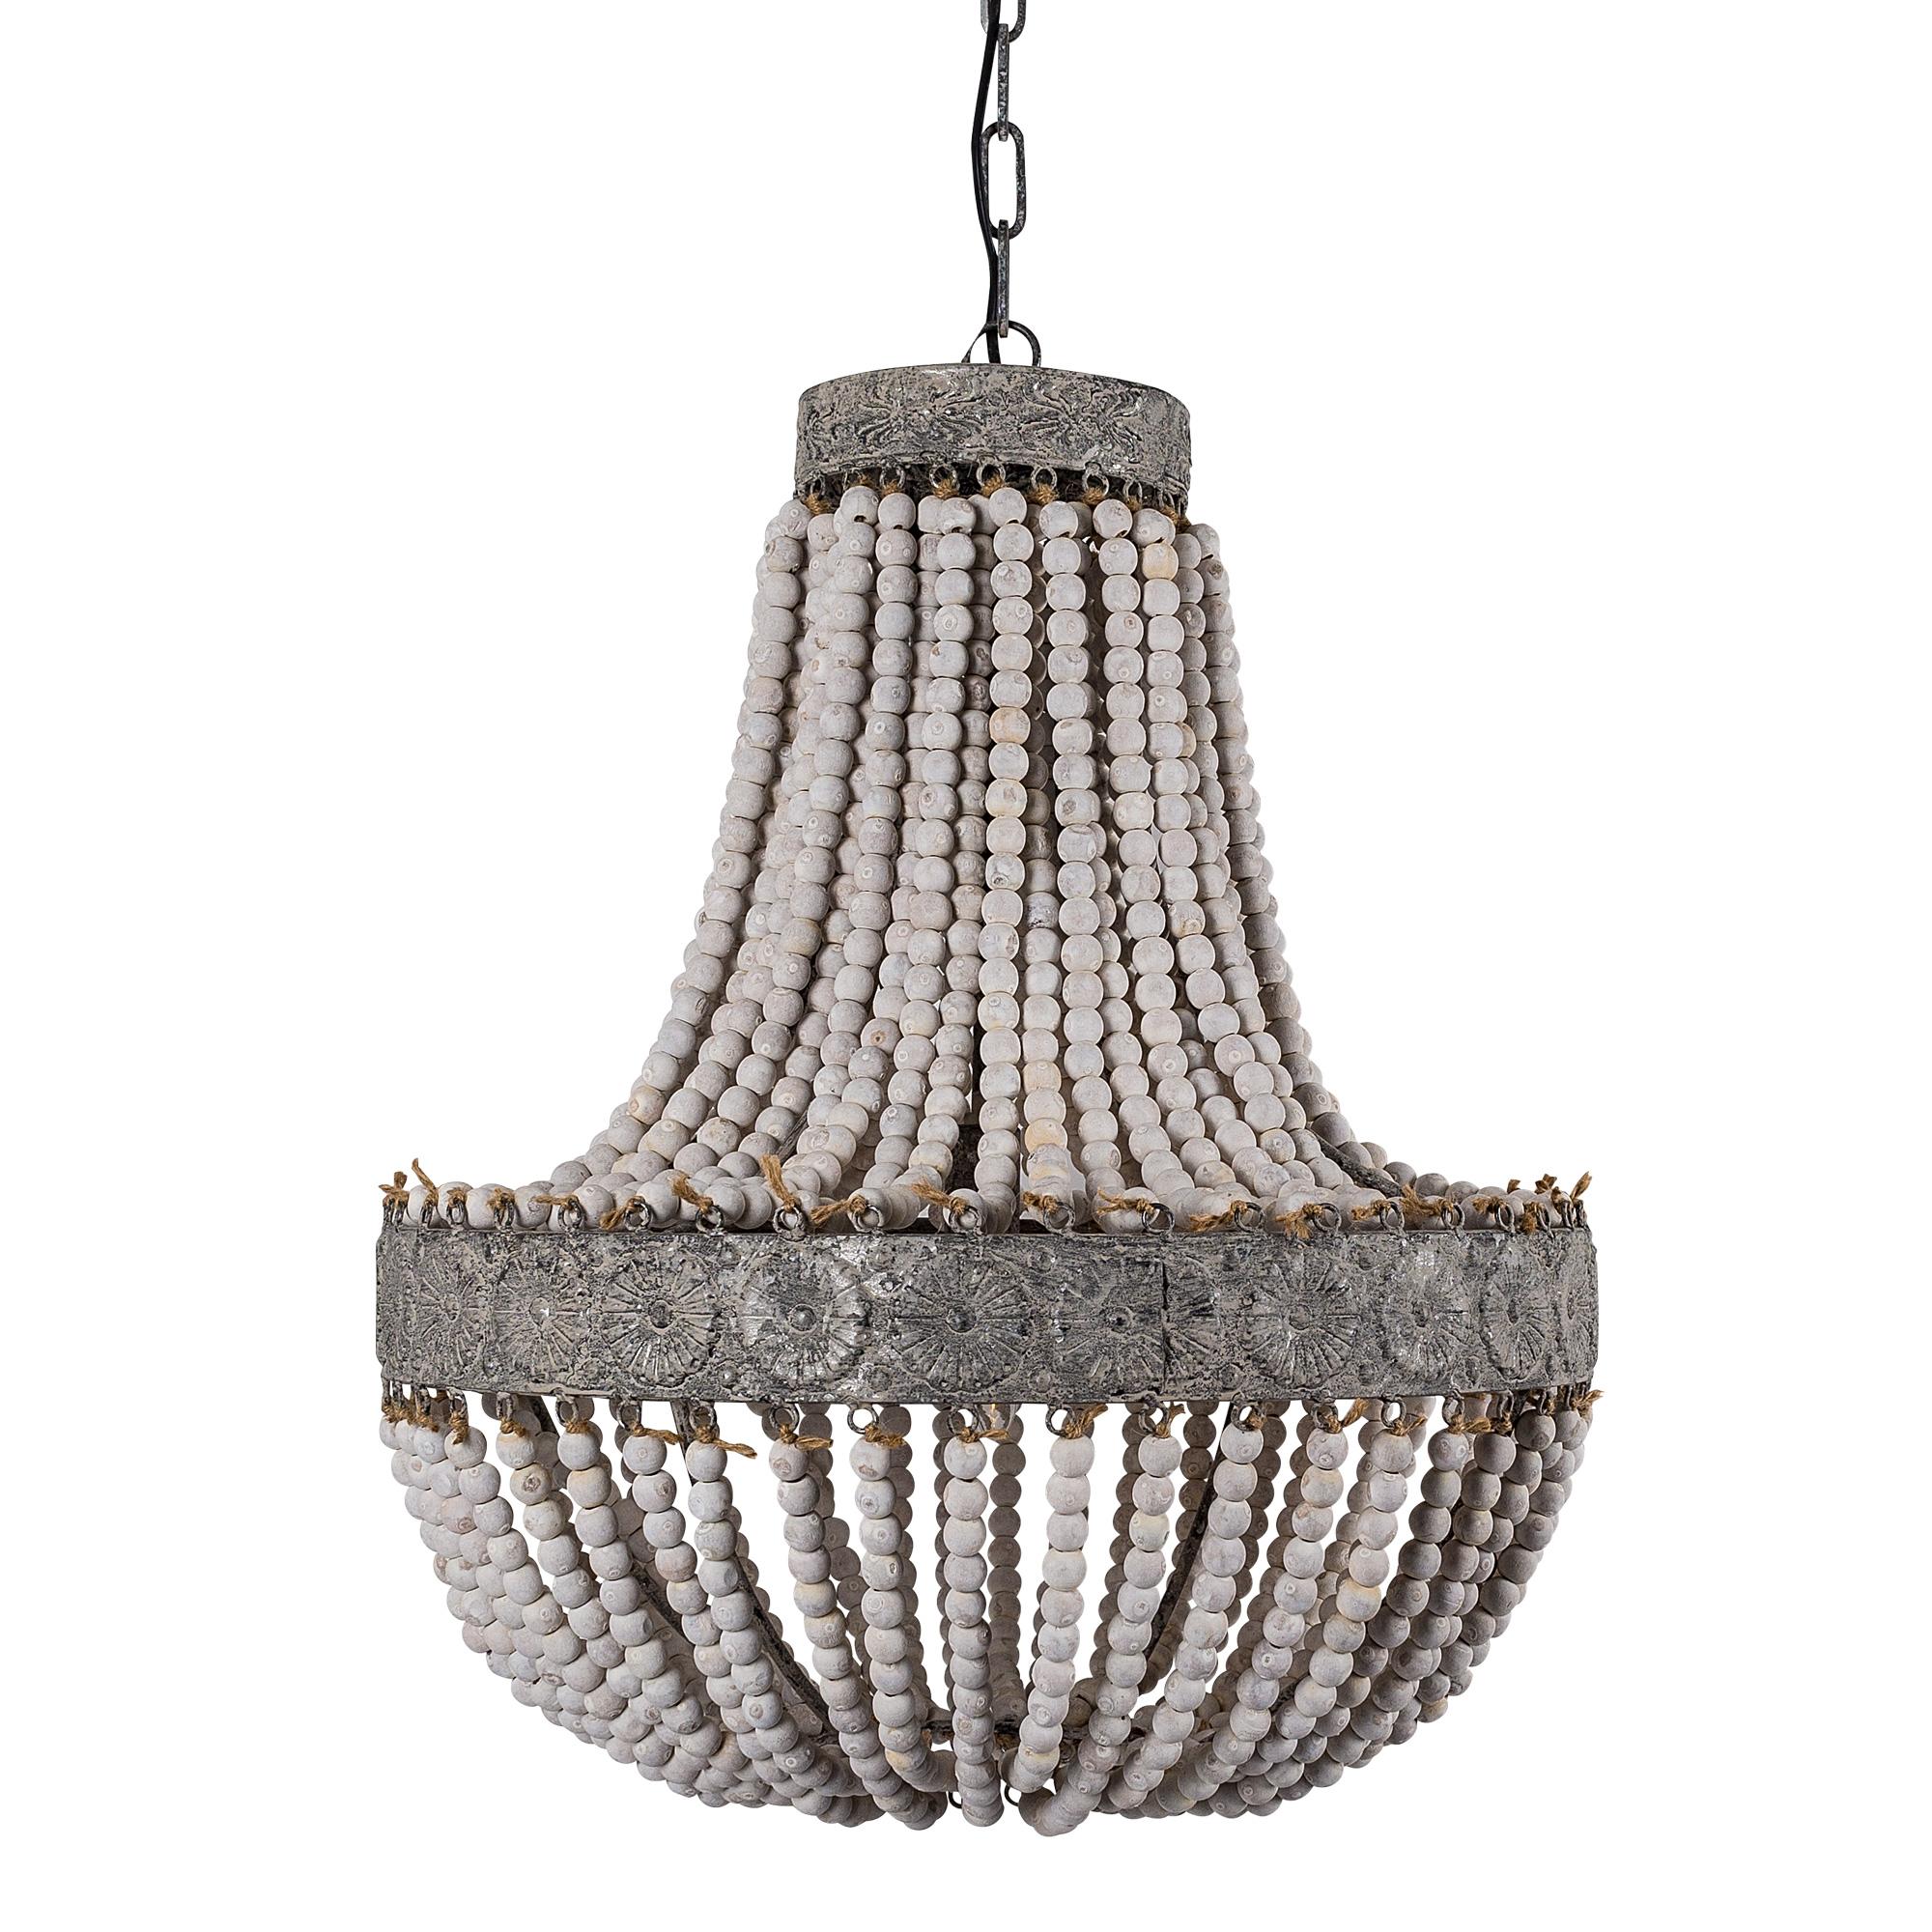 Zion kralen hanglamp met WIFI LED